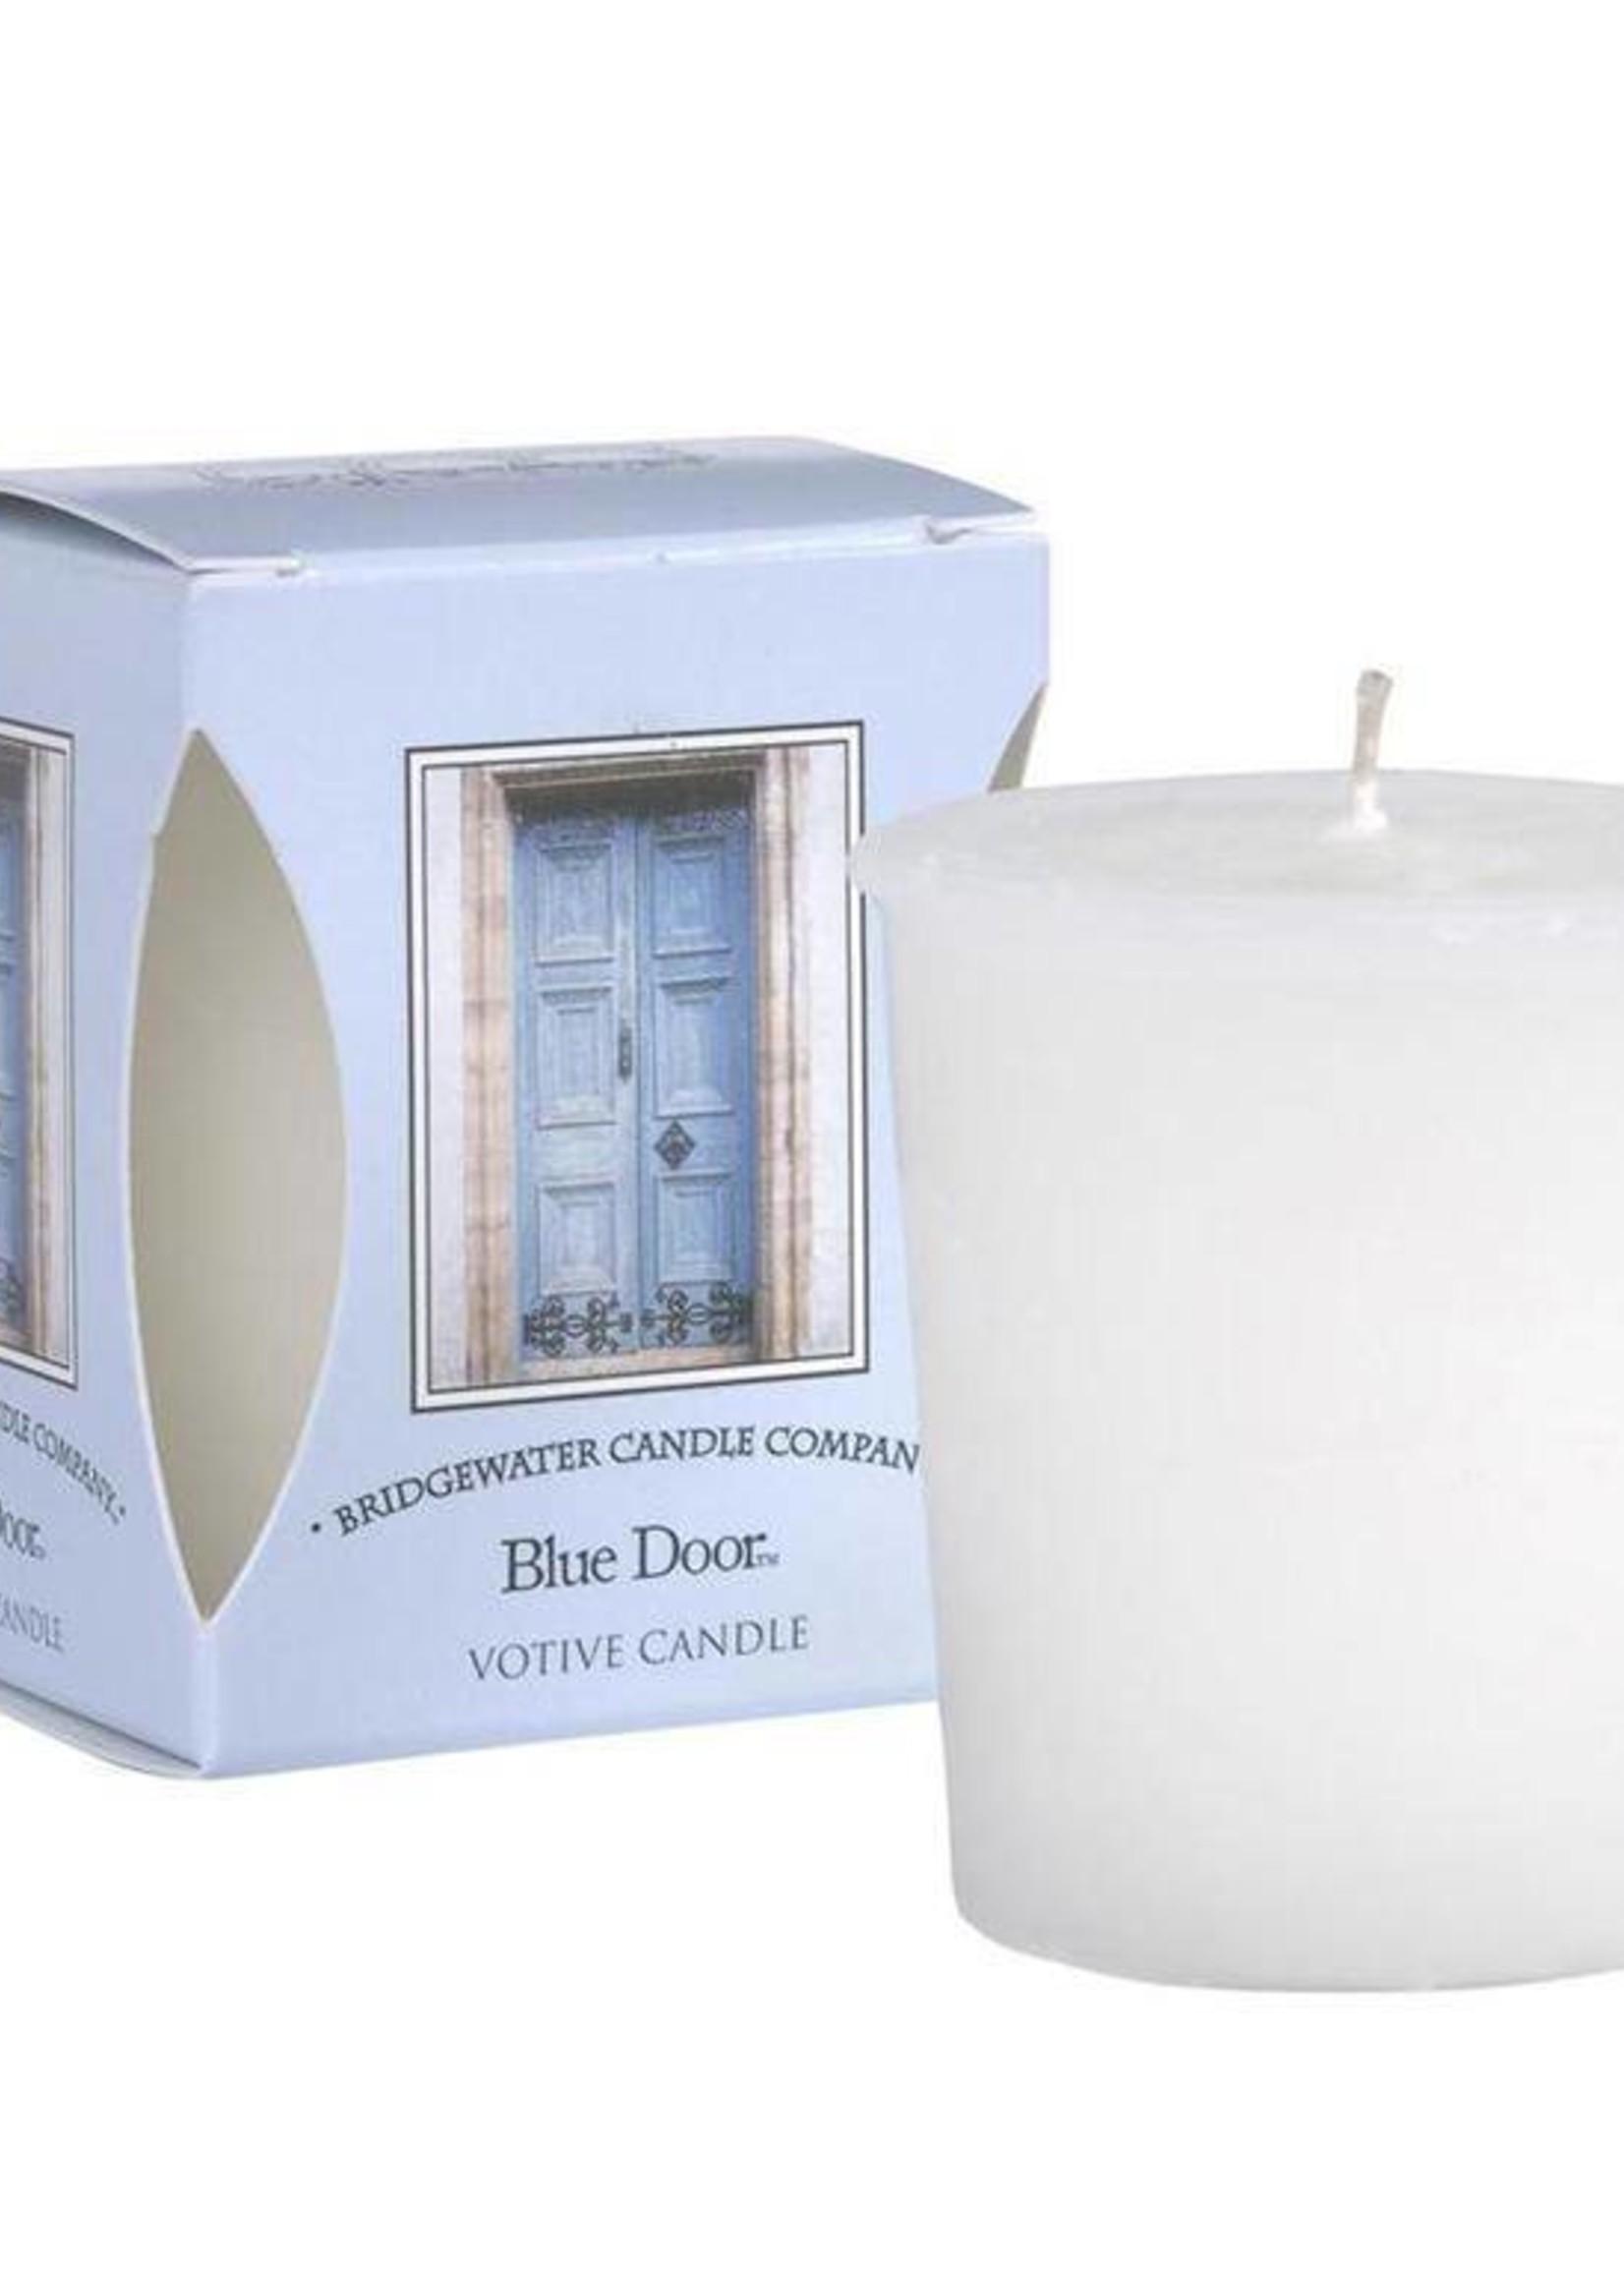 Bridgewater Candle Co Blue Door Votive